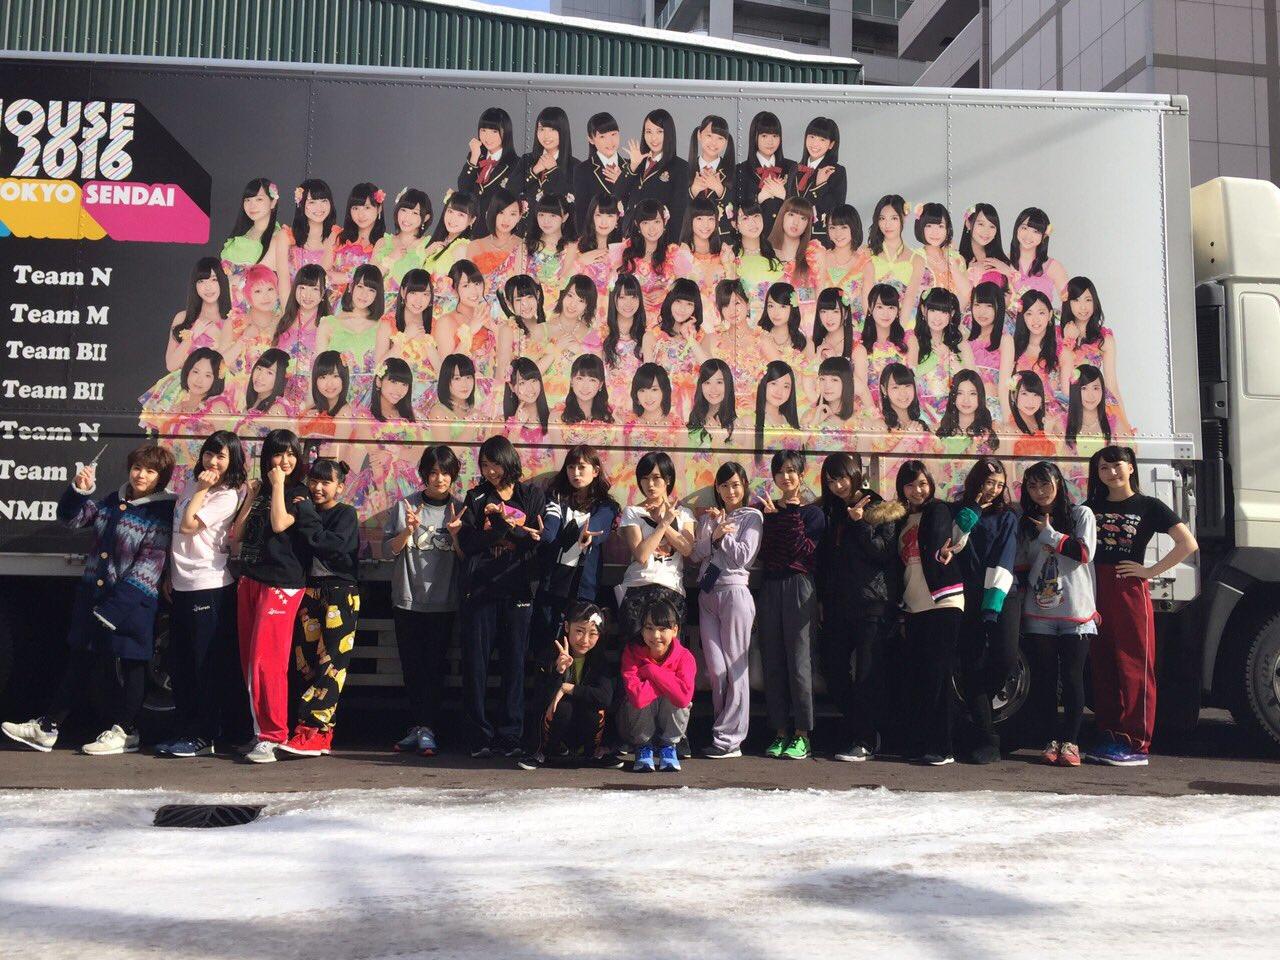 【悲報】NMB48 3rdアルバムの売れ行きがヤバすぎるwwwwwwwwwww